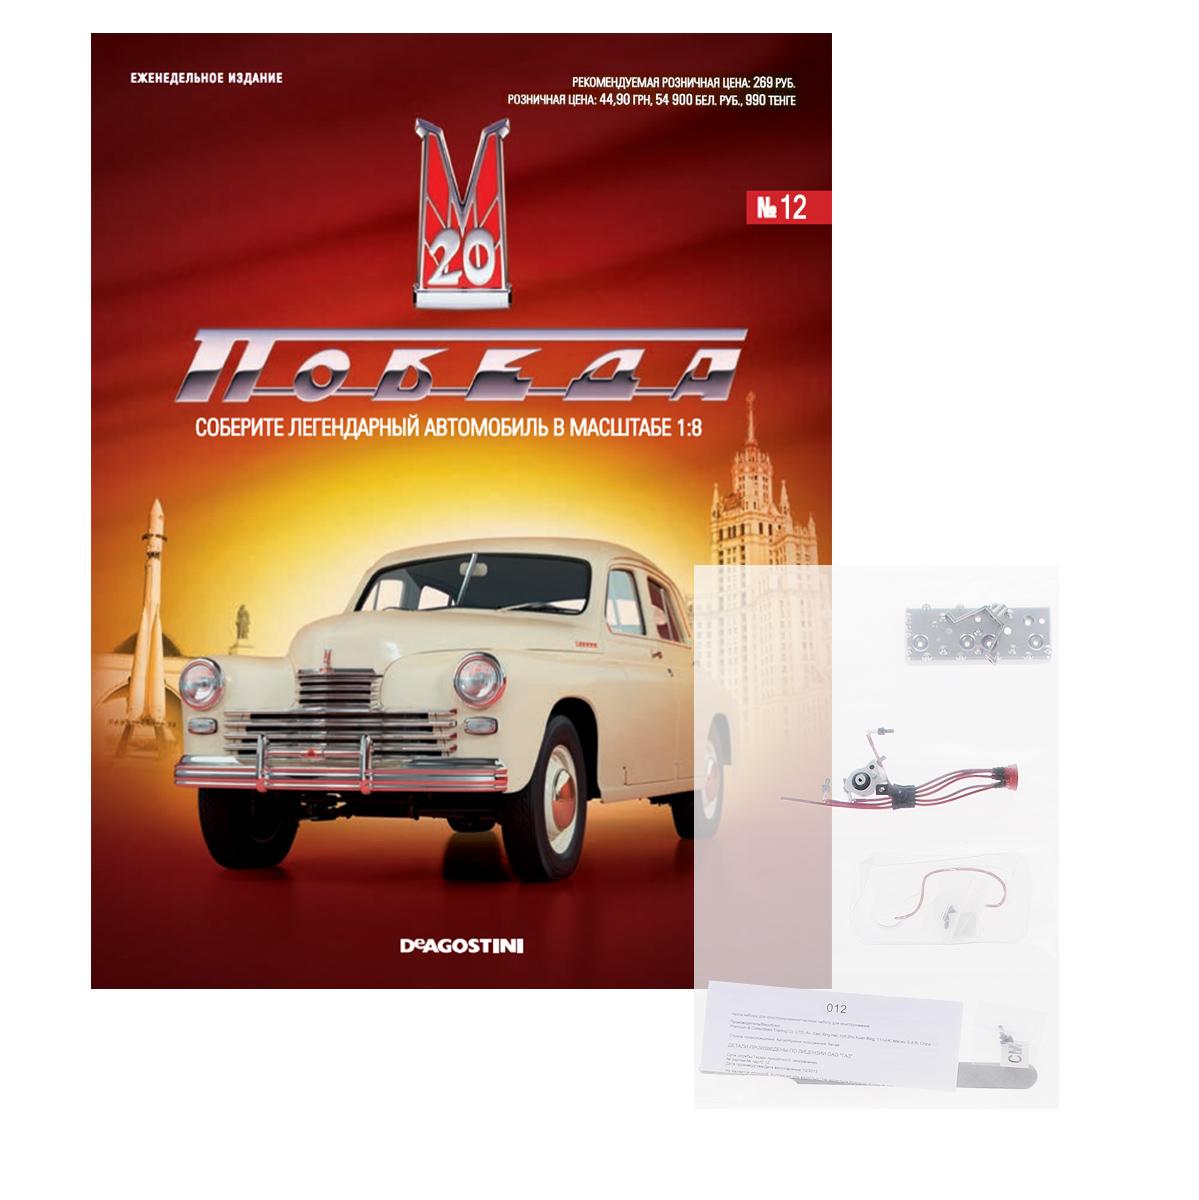 Журнал М20 Победа №12POBEDA012Журнальная серия М20 Победа разработана для поклонников моделизма и истории автомобилестроения. Коллекция включает в себя 100 выпусков еженедельных журналов, в которых публикуются интересные архивные материалы и фотоснимки, информация об важнейших исторических событиях в отечественном автомобилестроении, а также пошаговые инструкции по сборке модели автомобиля ГАЗ М20 Победа. К каждому журналу прилагаются детали для сборки модели этого легендарного автомобиля в масштабе 1/8. Категория 16+.